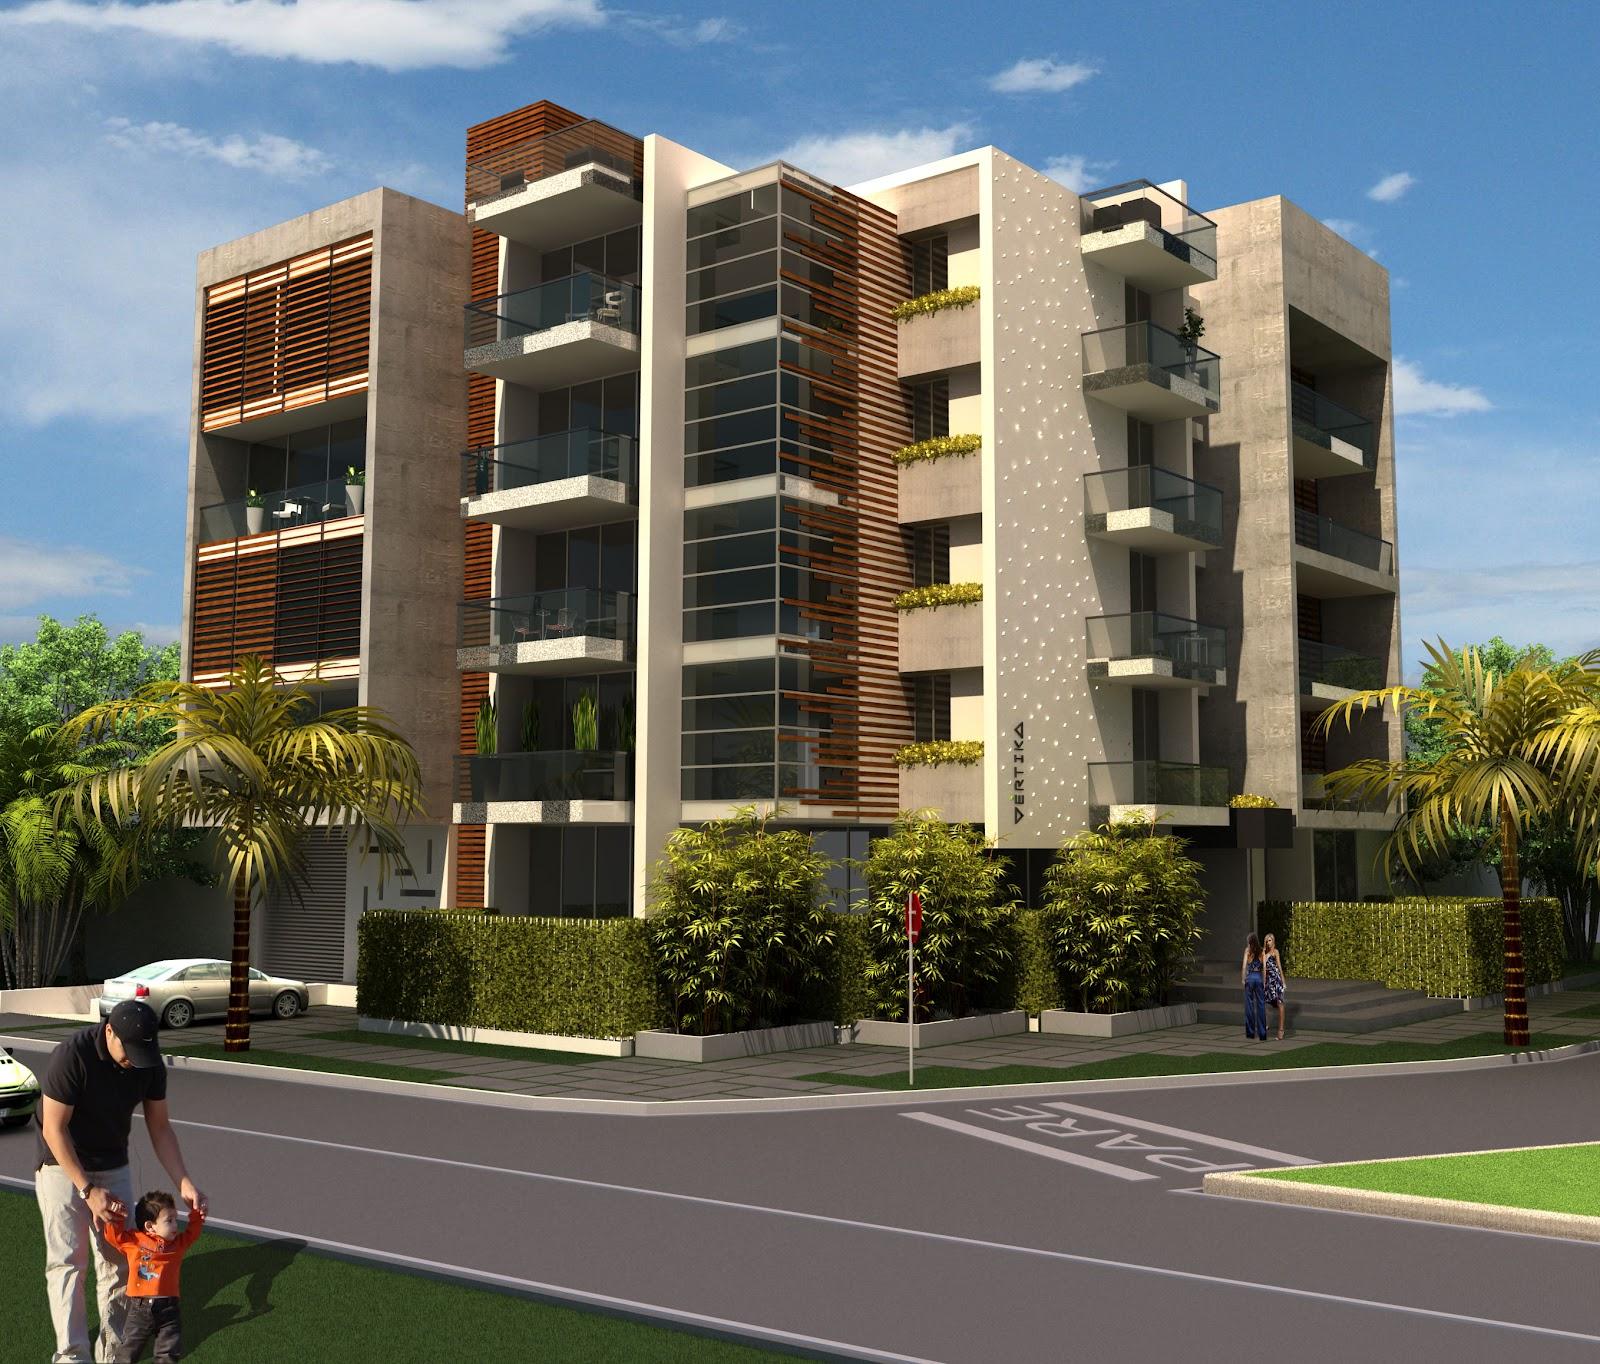 Diversificar s a constructora v rtika edificio boutique for Fachadas de apartamentos modernos